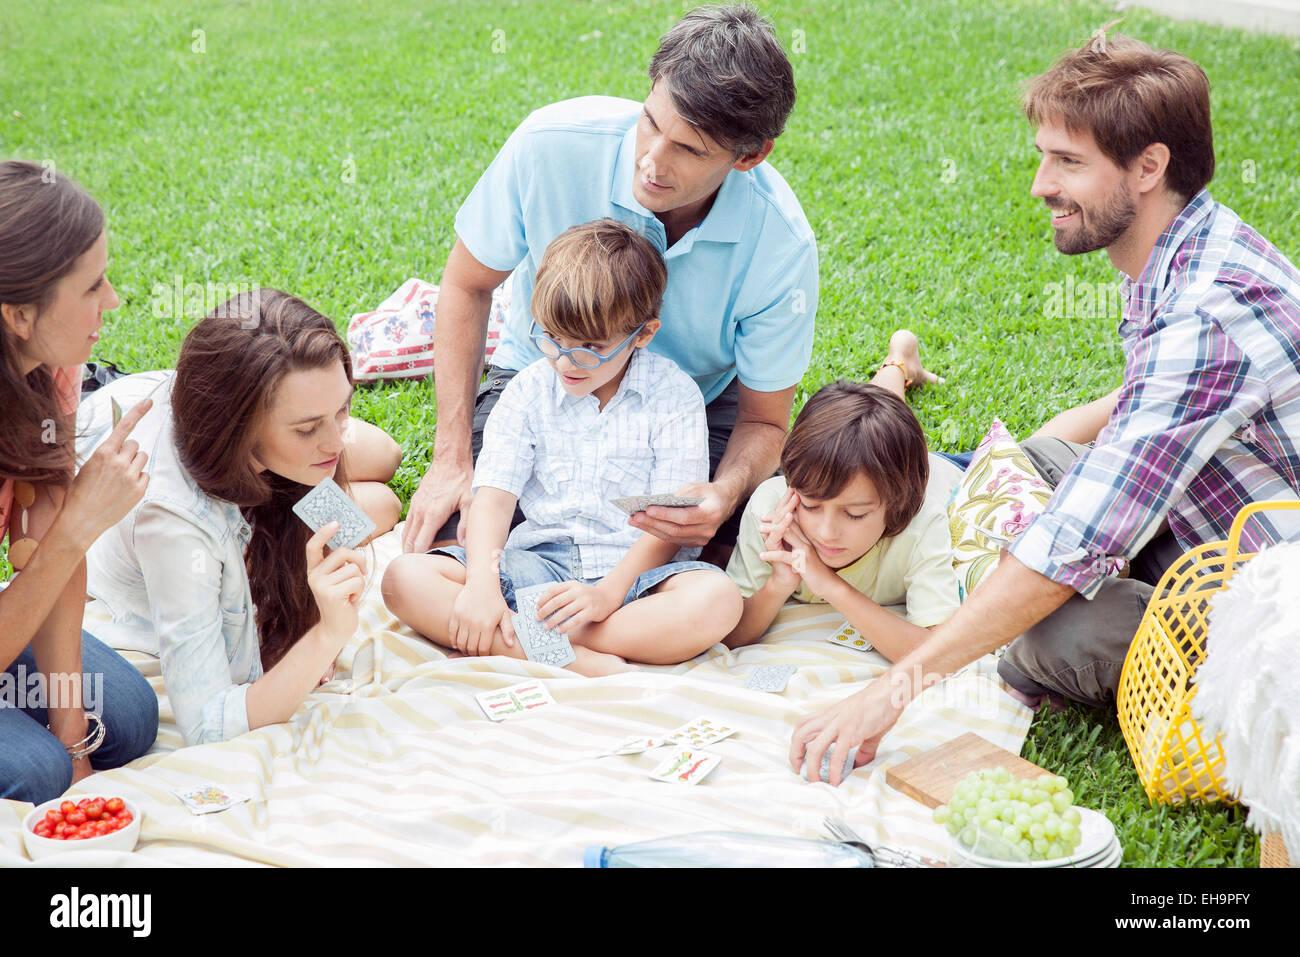 Jeu de cartes à jouer en famille au picnic Photo Stock